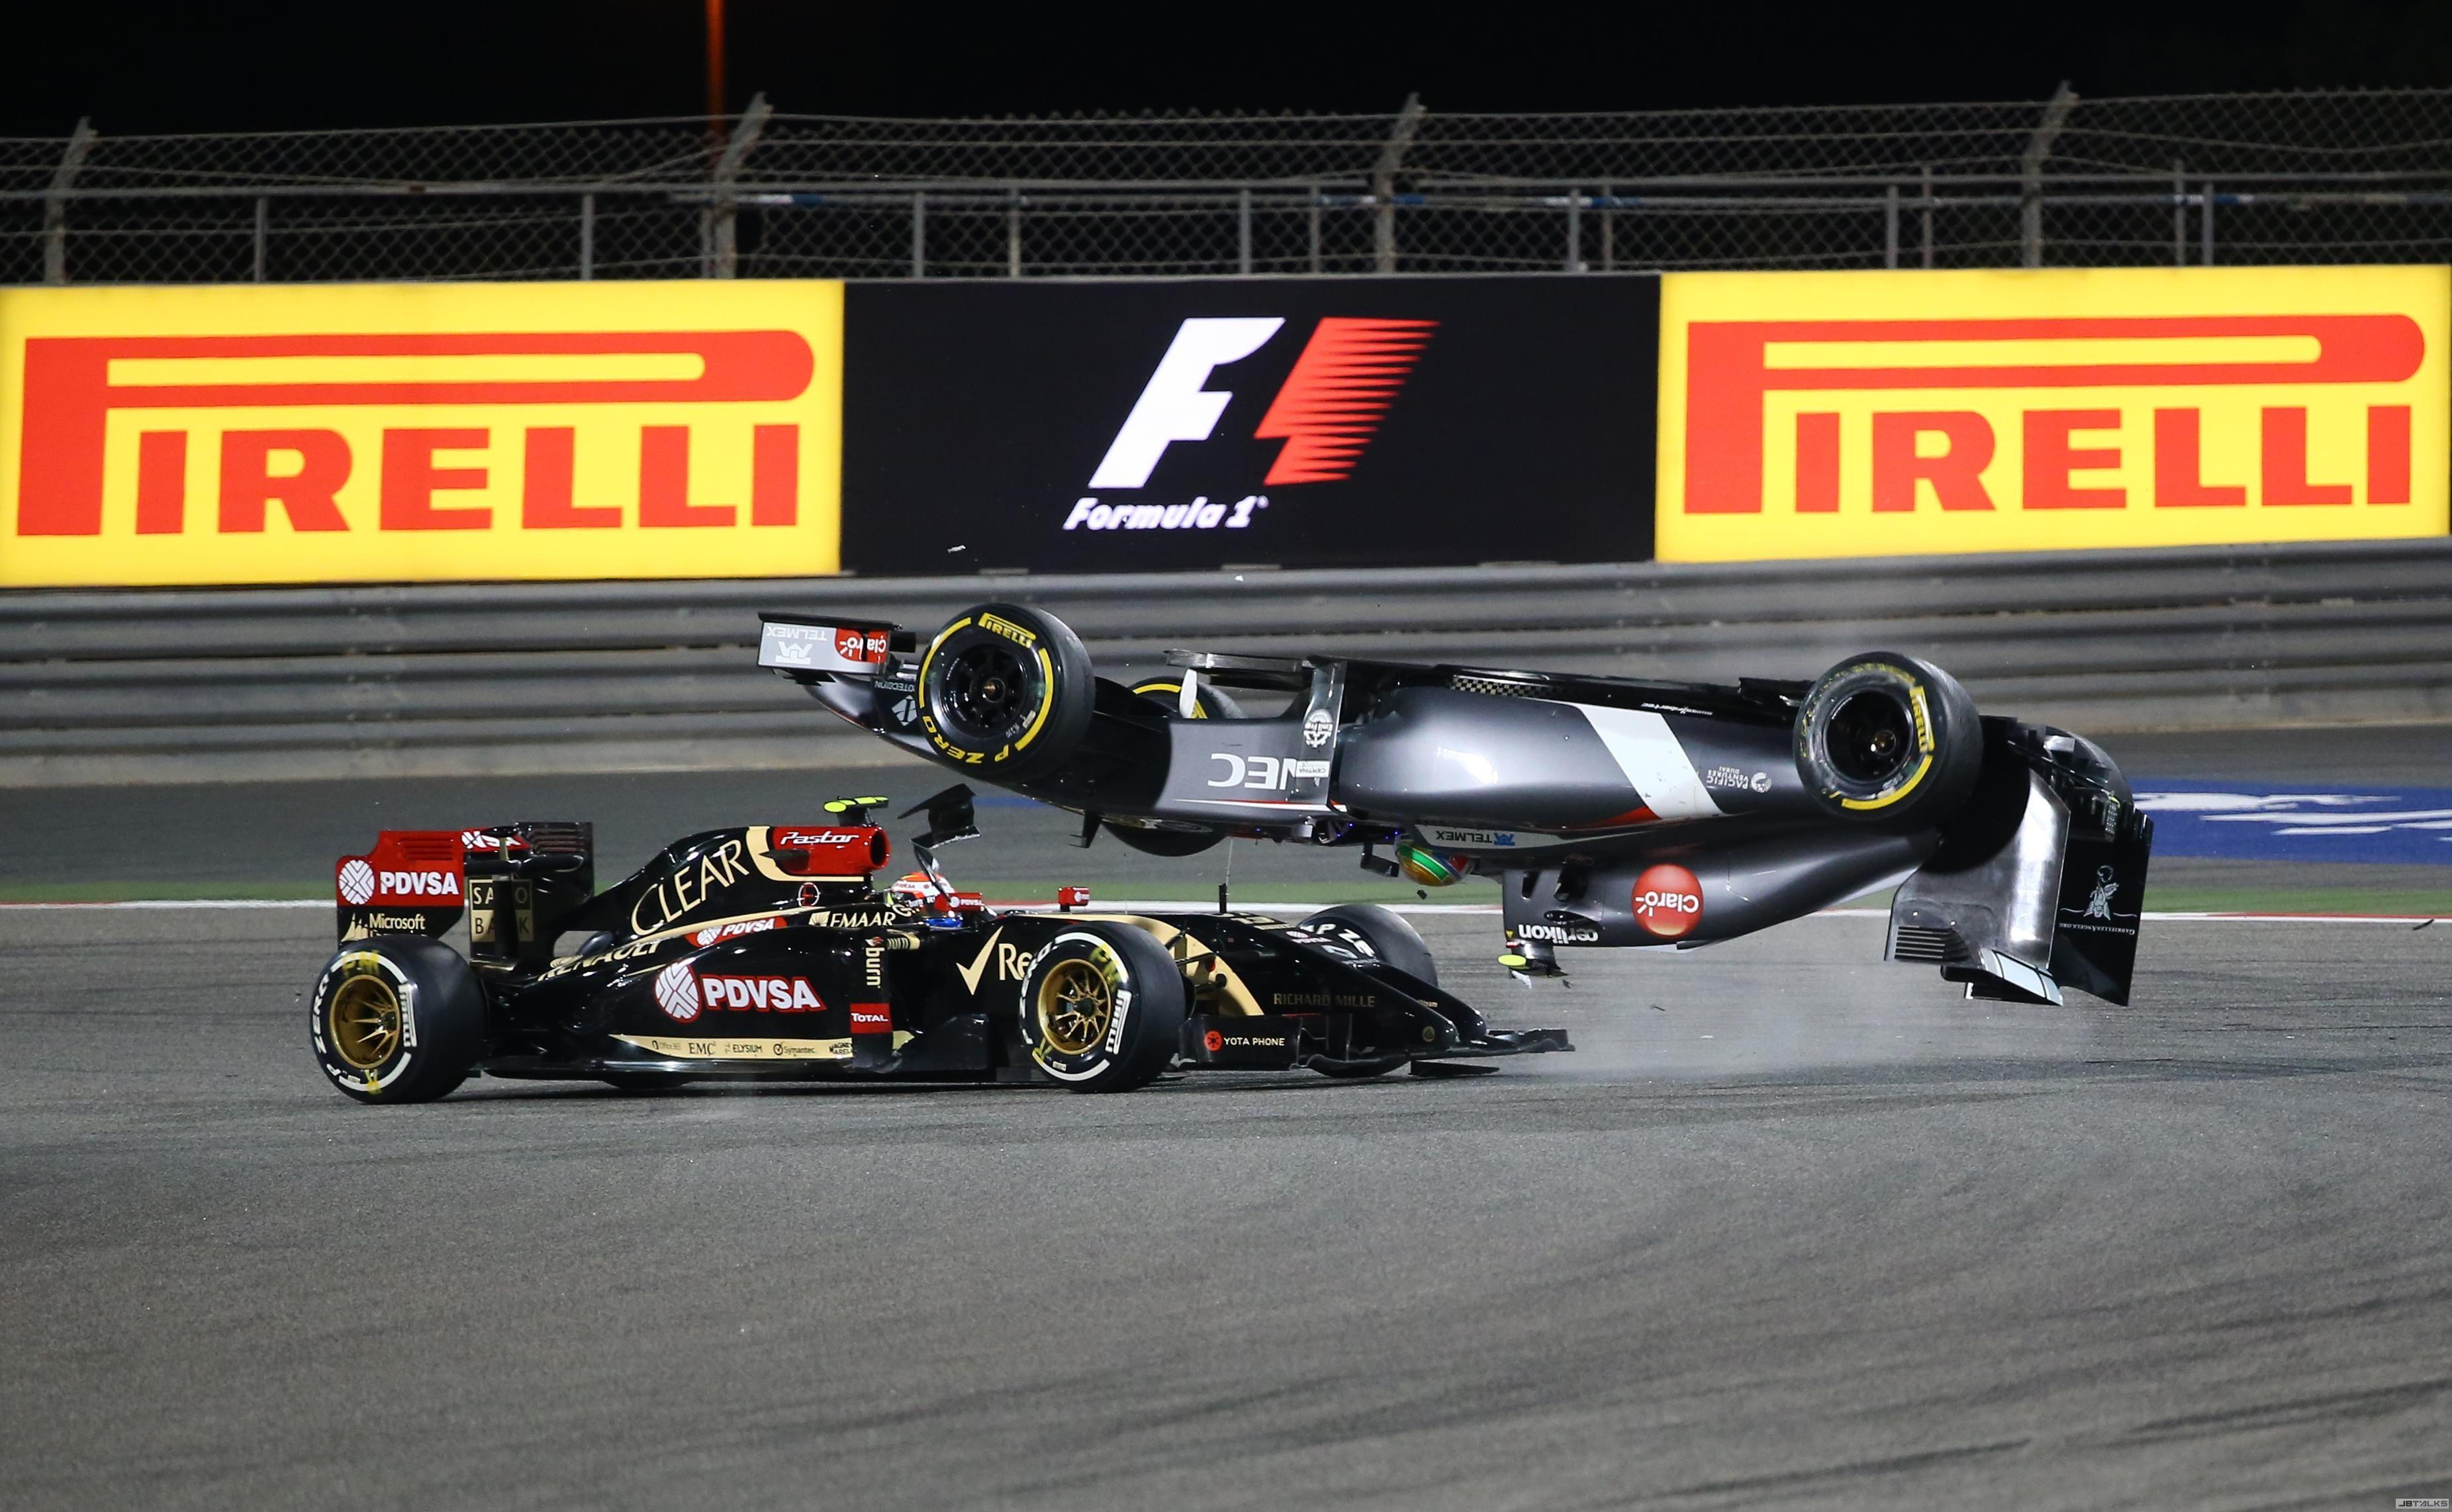 所幸在这次事故当中,我们完全可以看见f1车体结构的安全性,对车手